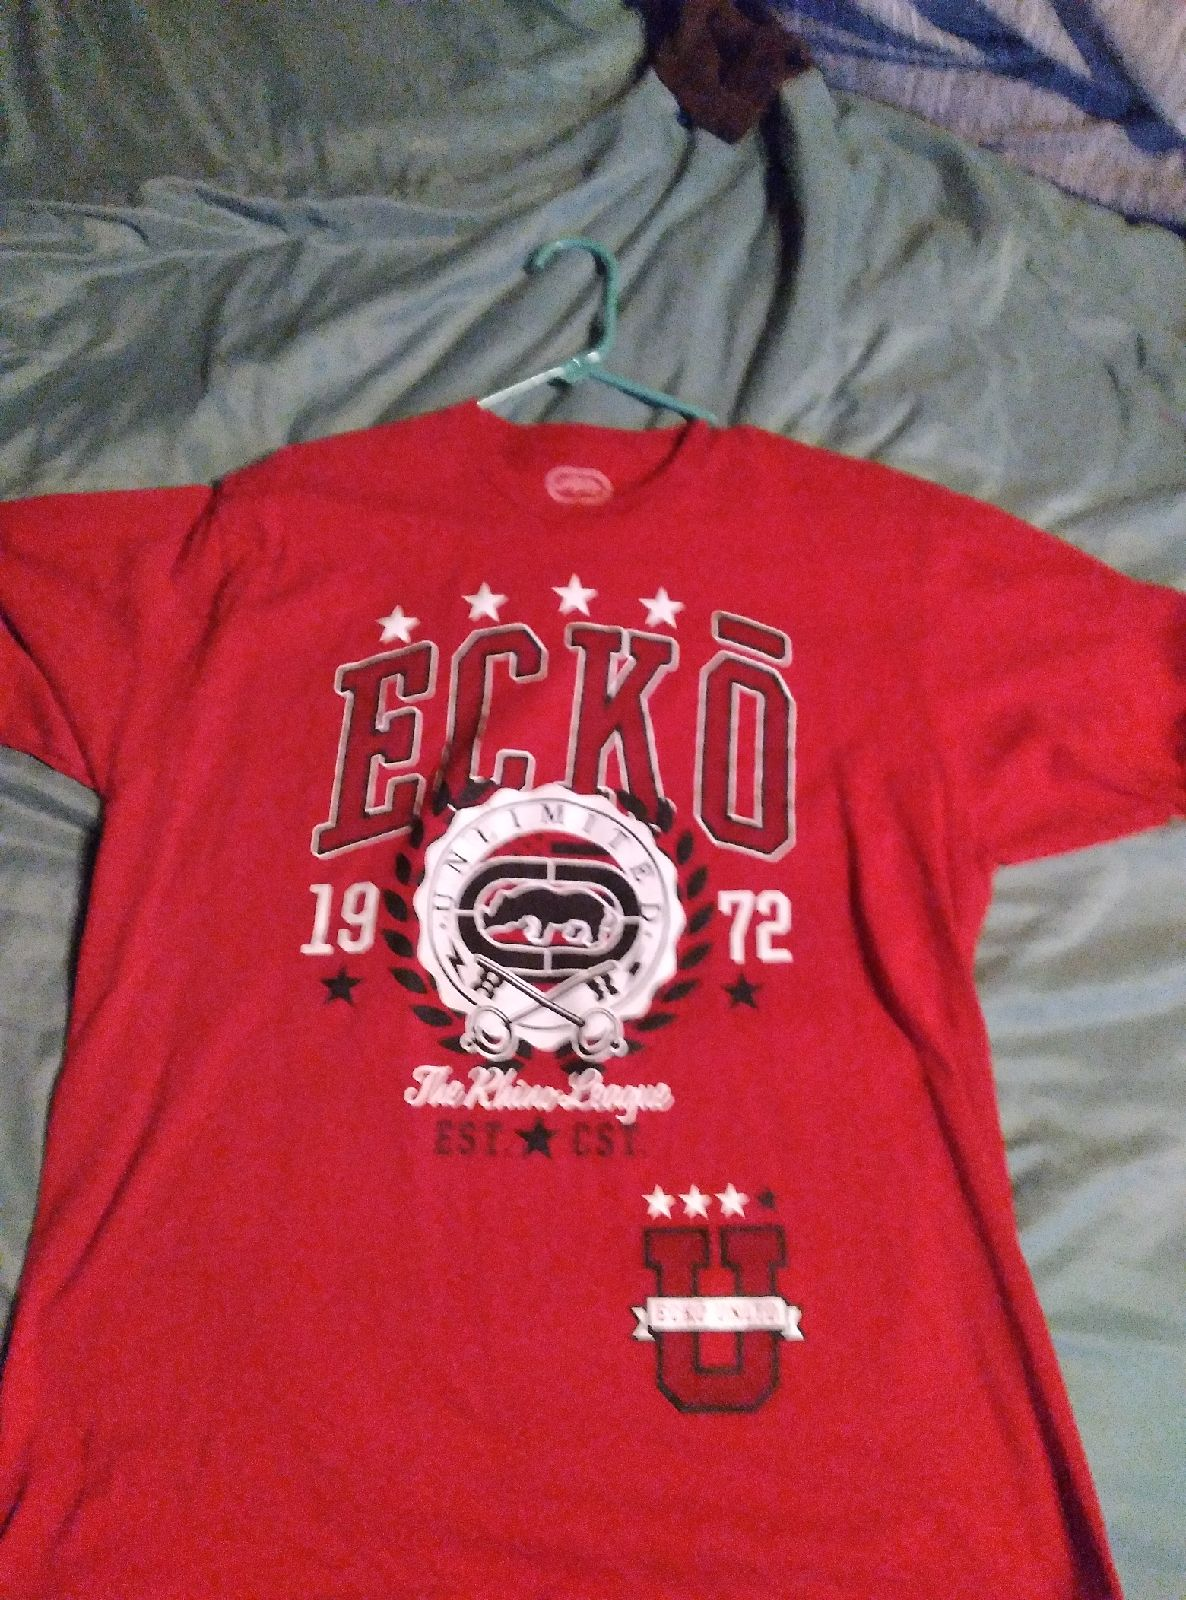 Marc ecko xl shirt